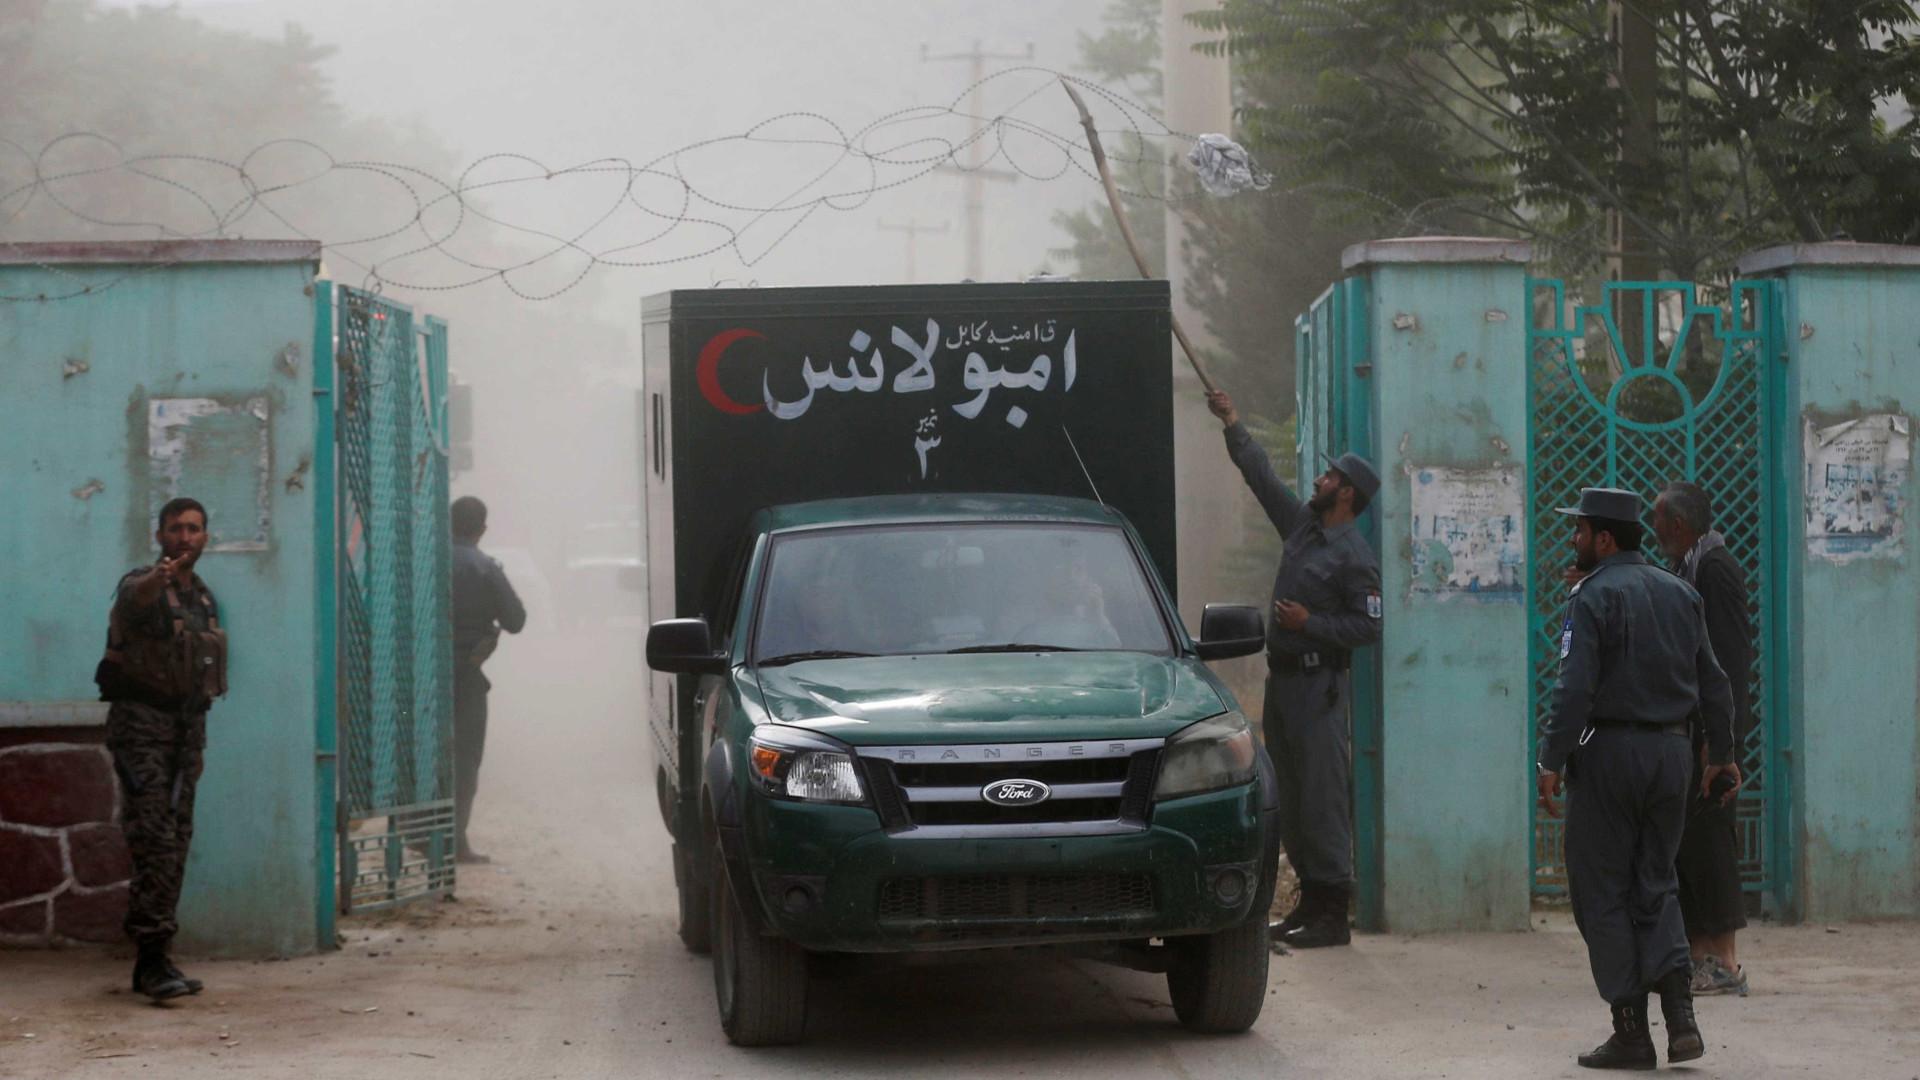 Afeganistão: soldado afegão mata três oficiais dos Estados Unidos